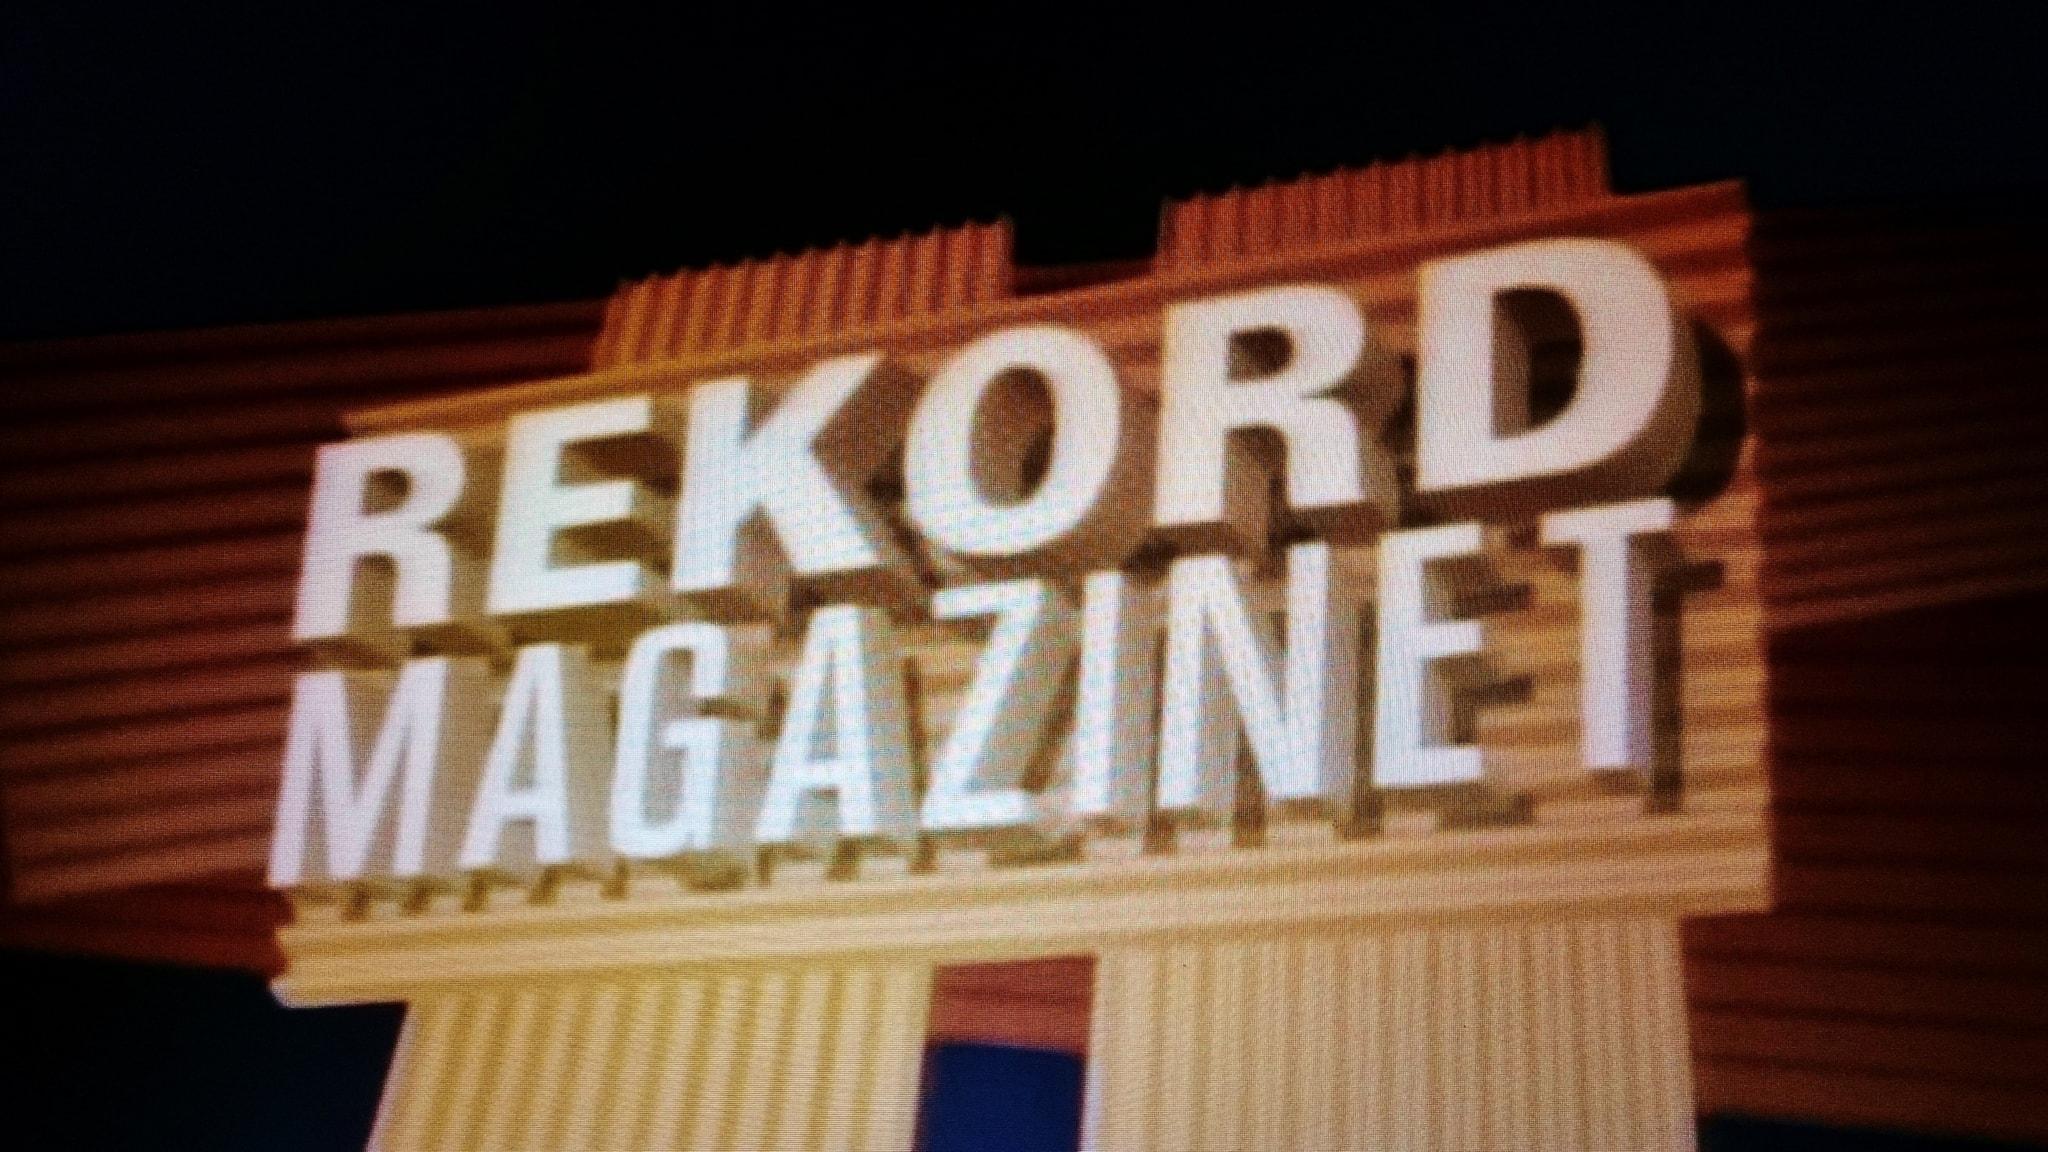 Om Rekord-Magazinet